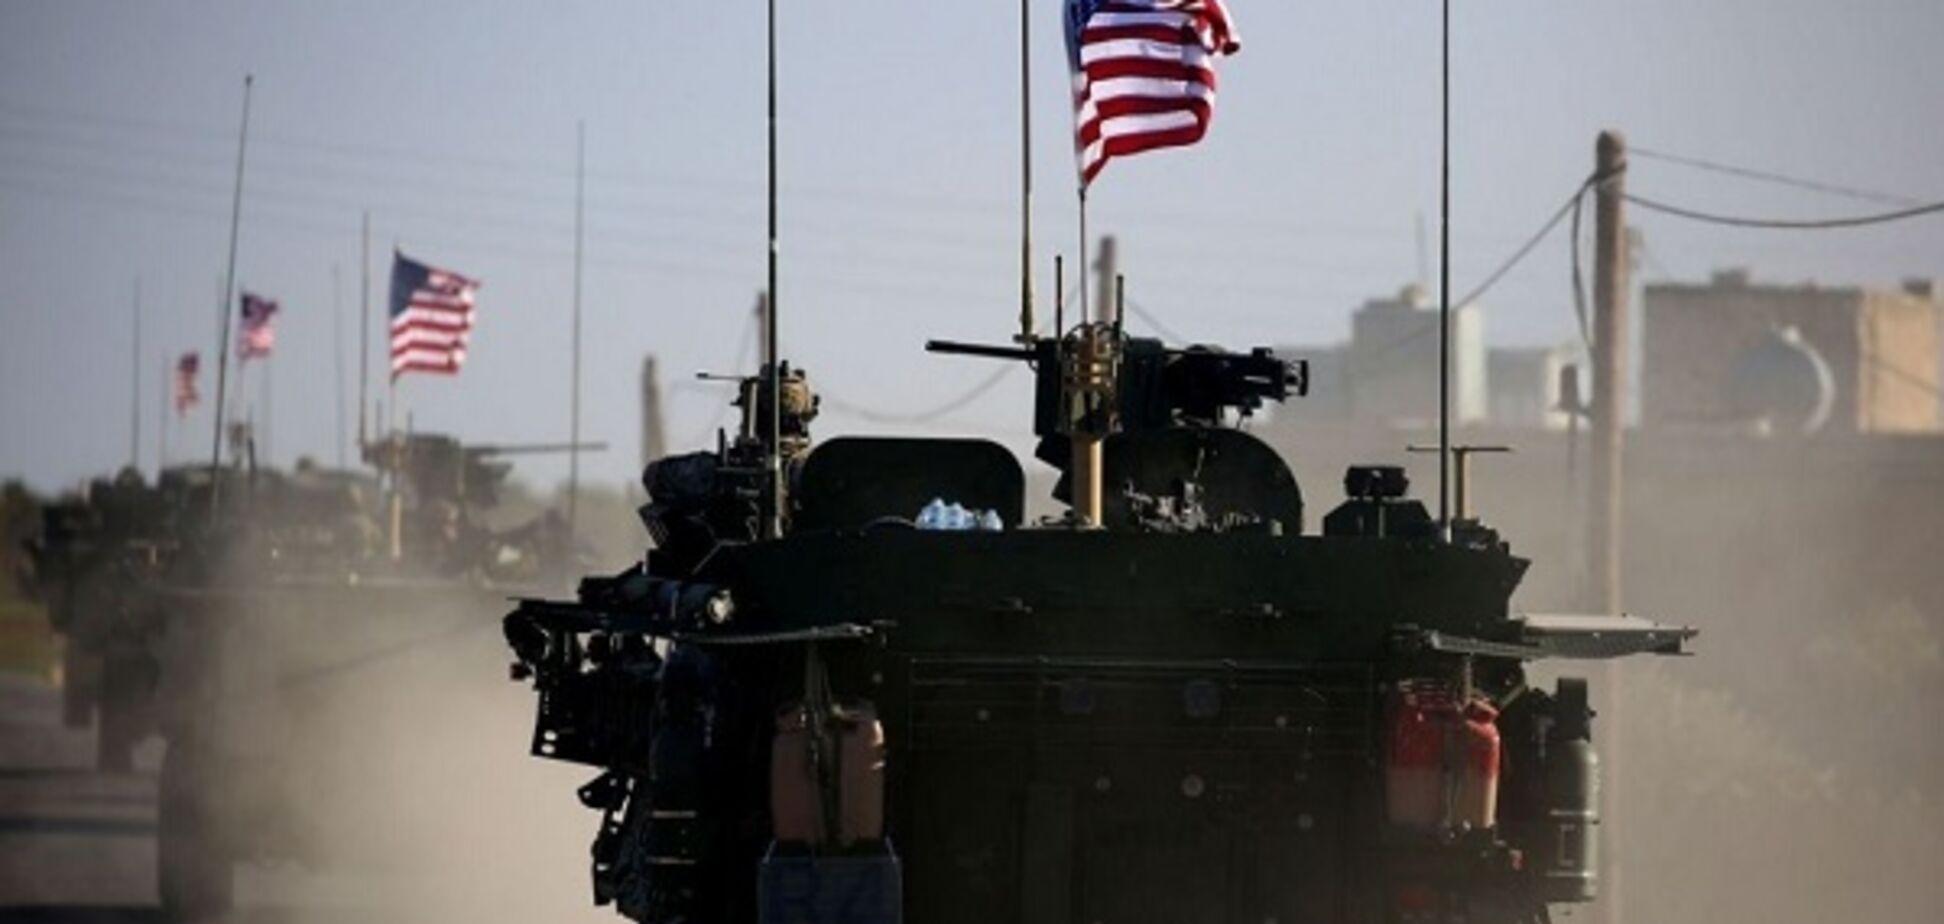 Колишній дипломат оцінив можливість ракетного удару США по Ірану